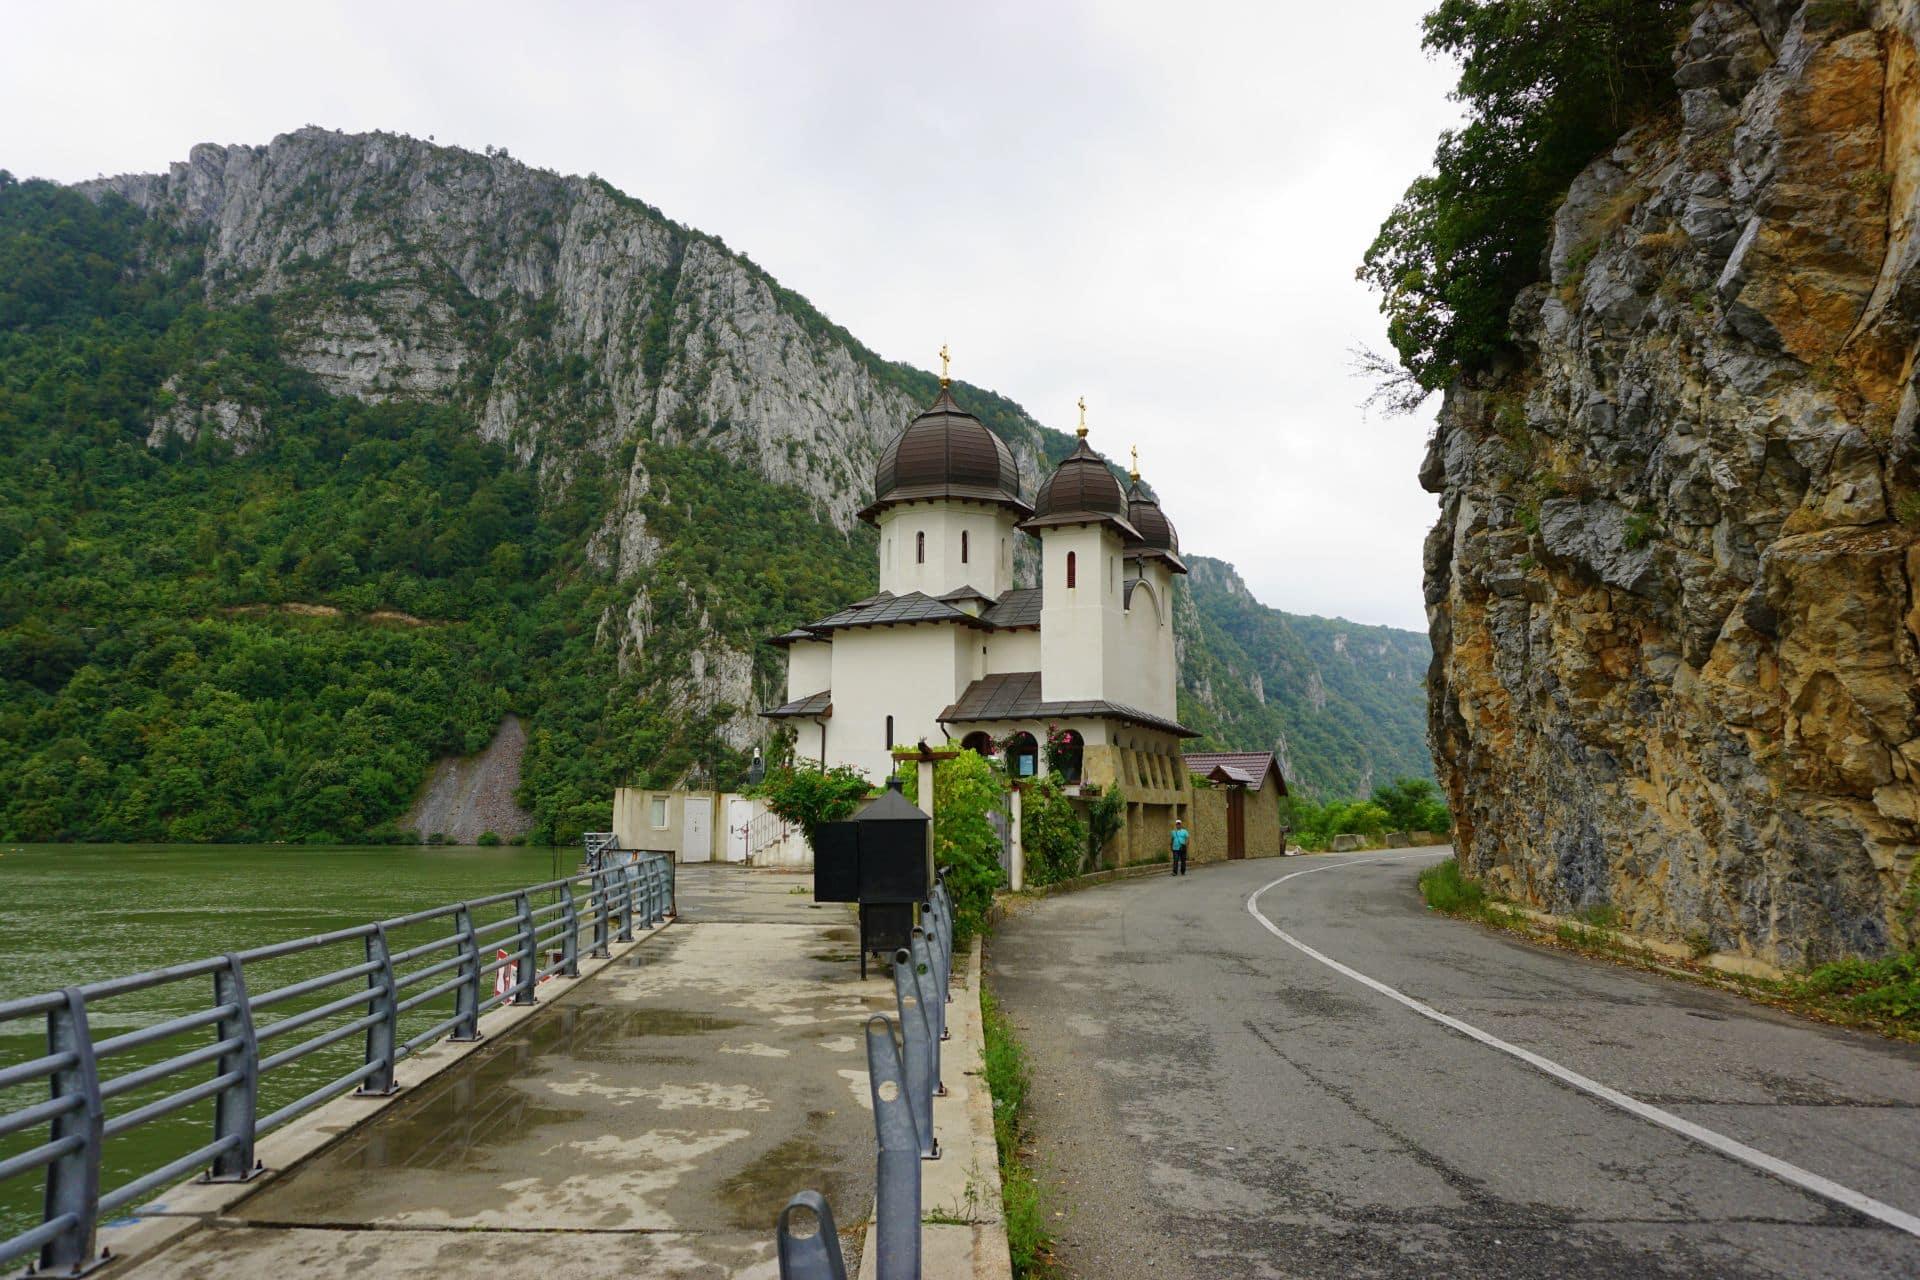 manastirea mraconia cazanele mici